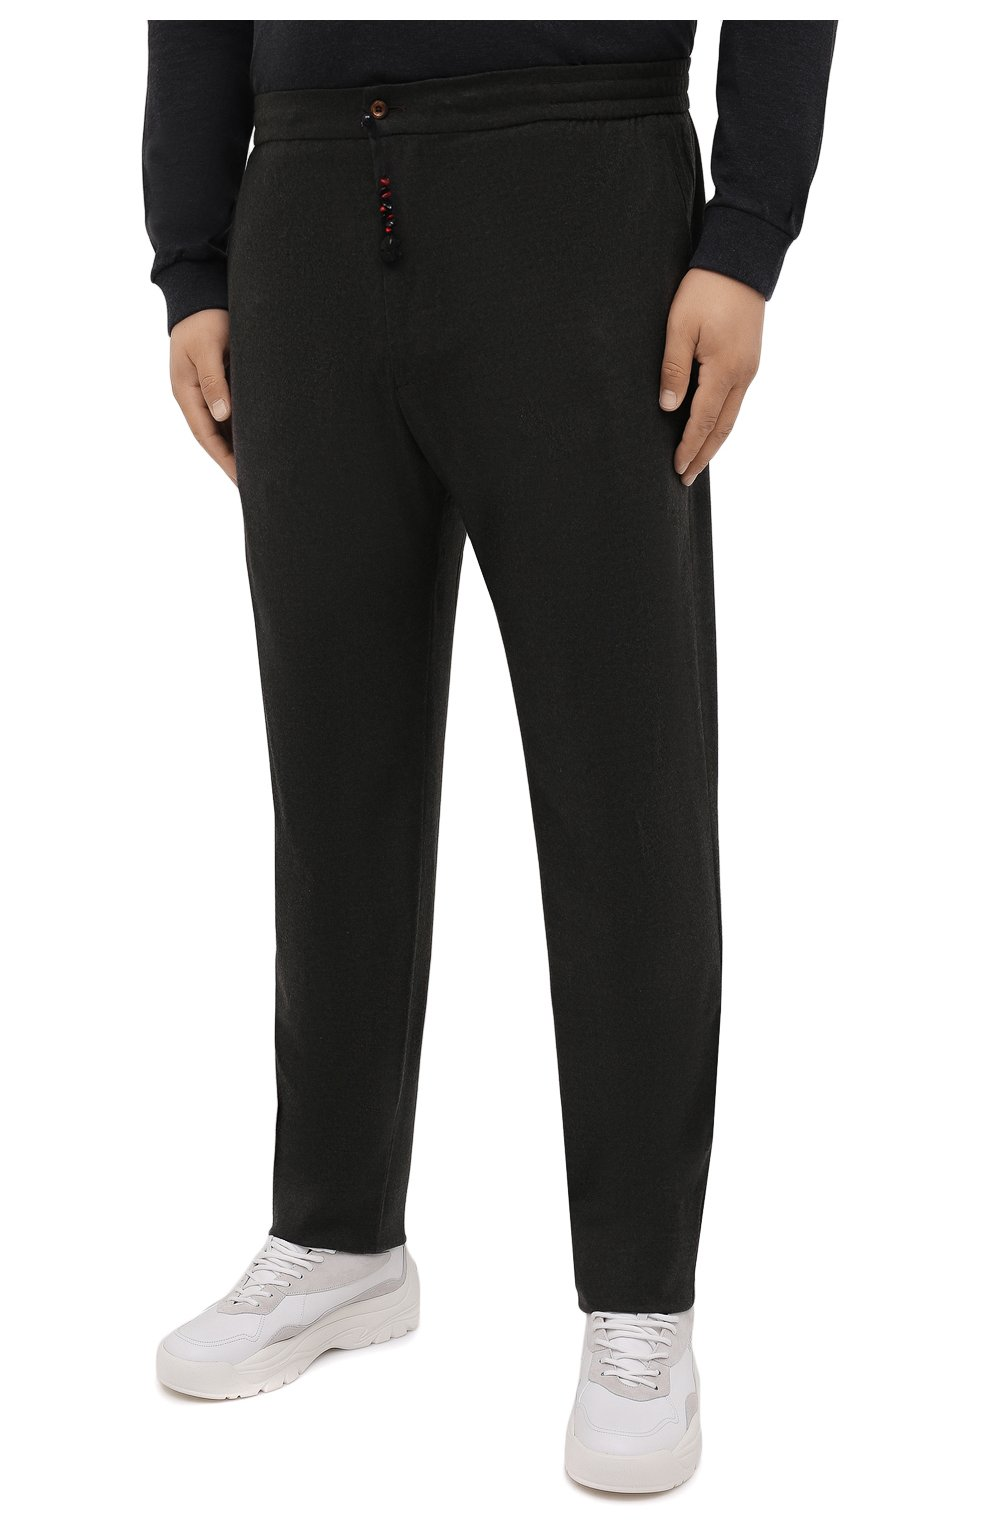 Мужские кашемировые брюки MARCO PESCAROLO темно-зеленого цвета, арт. CHIAIAM/ZIP+SFILA/4442   Фото 3 (Материал внешний: Шерсть, Кашемир; Длина (брюки, джинсы): Стандартные; Случай: Повседневный; Стили: Кэжуэл)